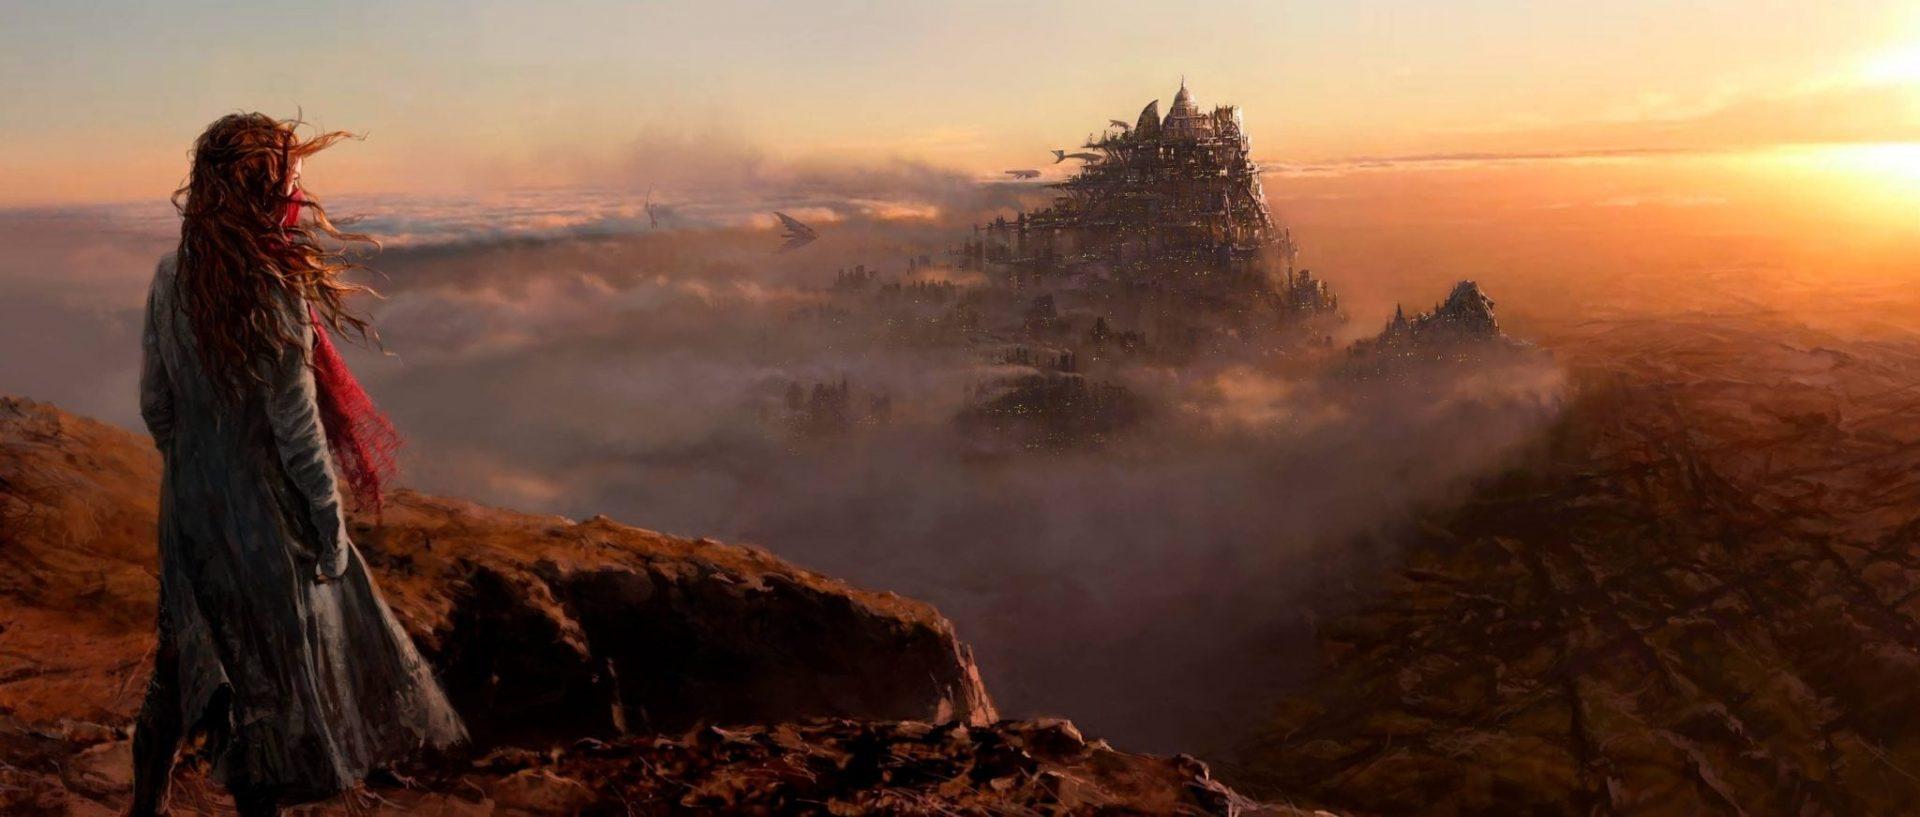 Estrenos-Películas-CGI-VFX-Mortal Engines